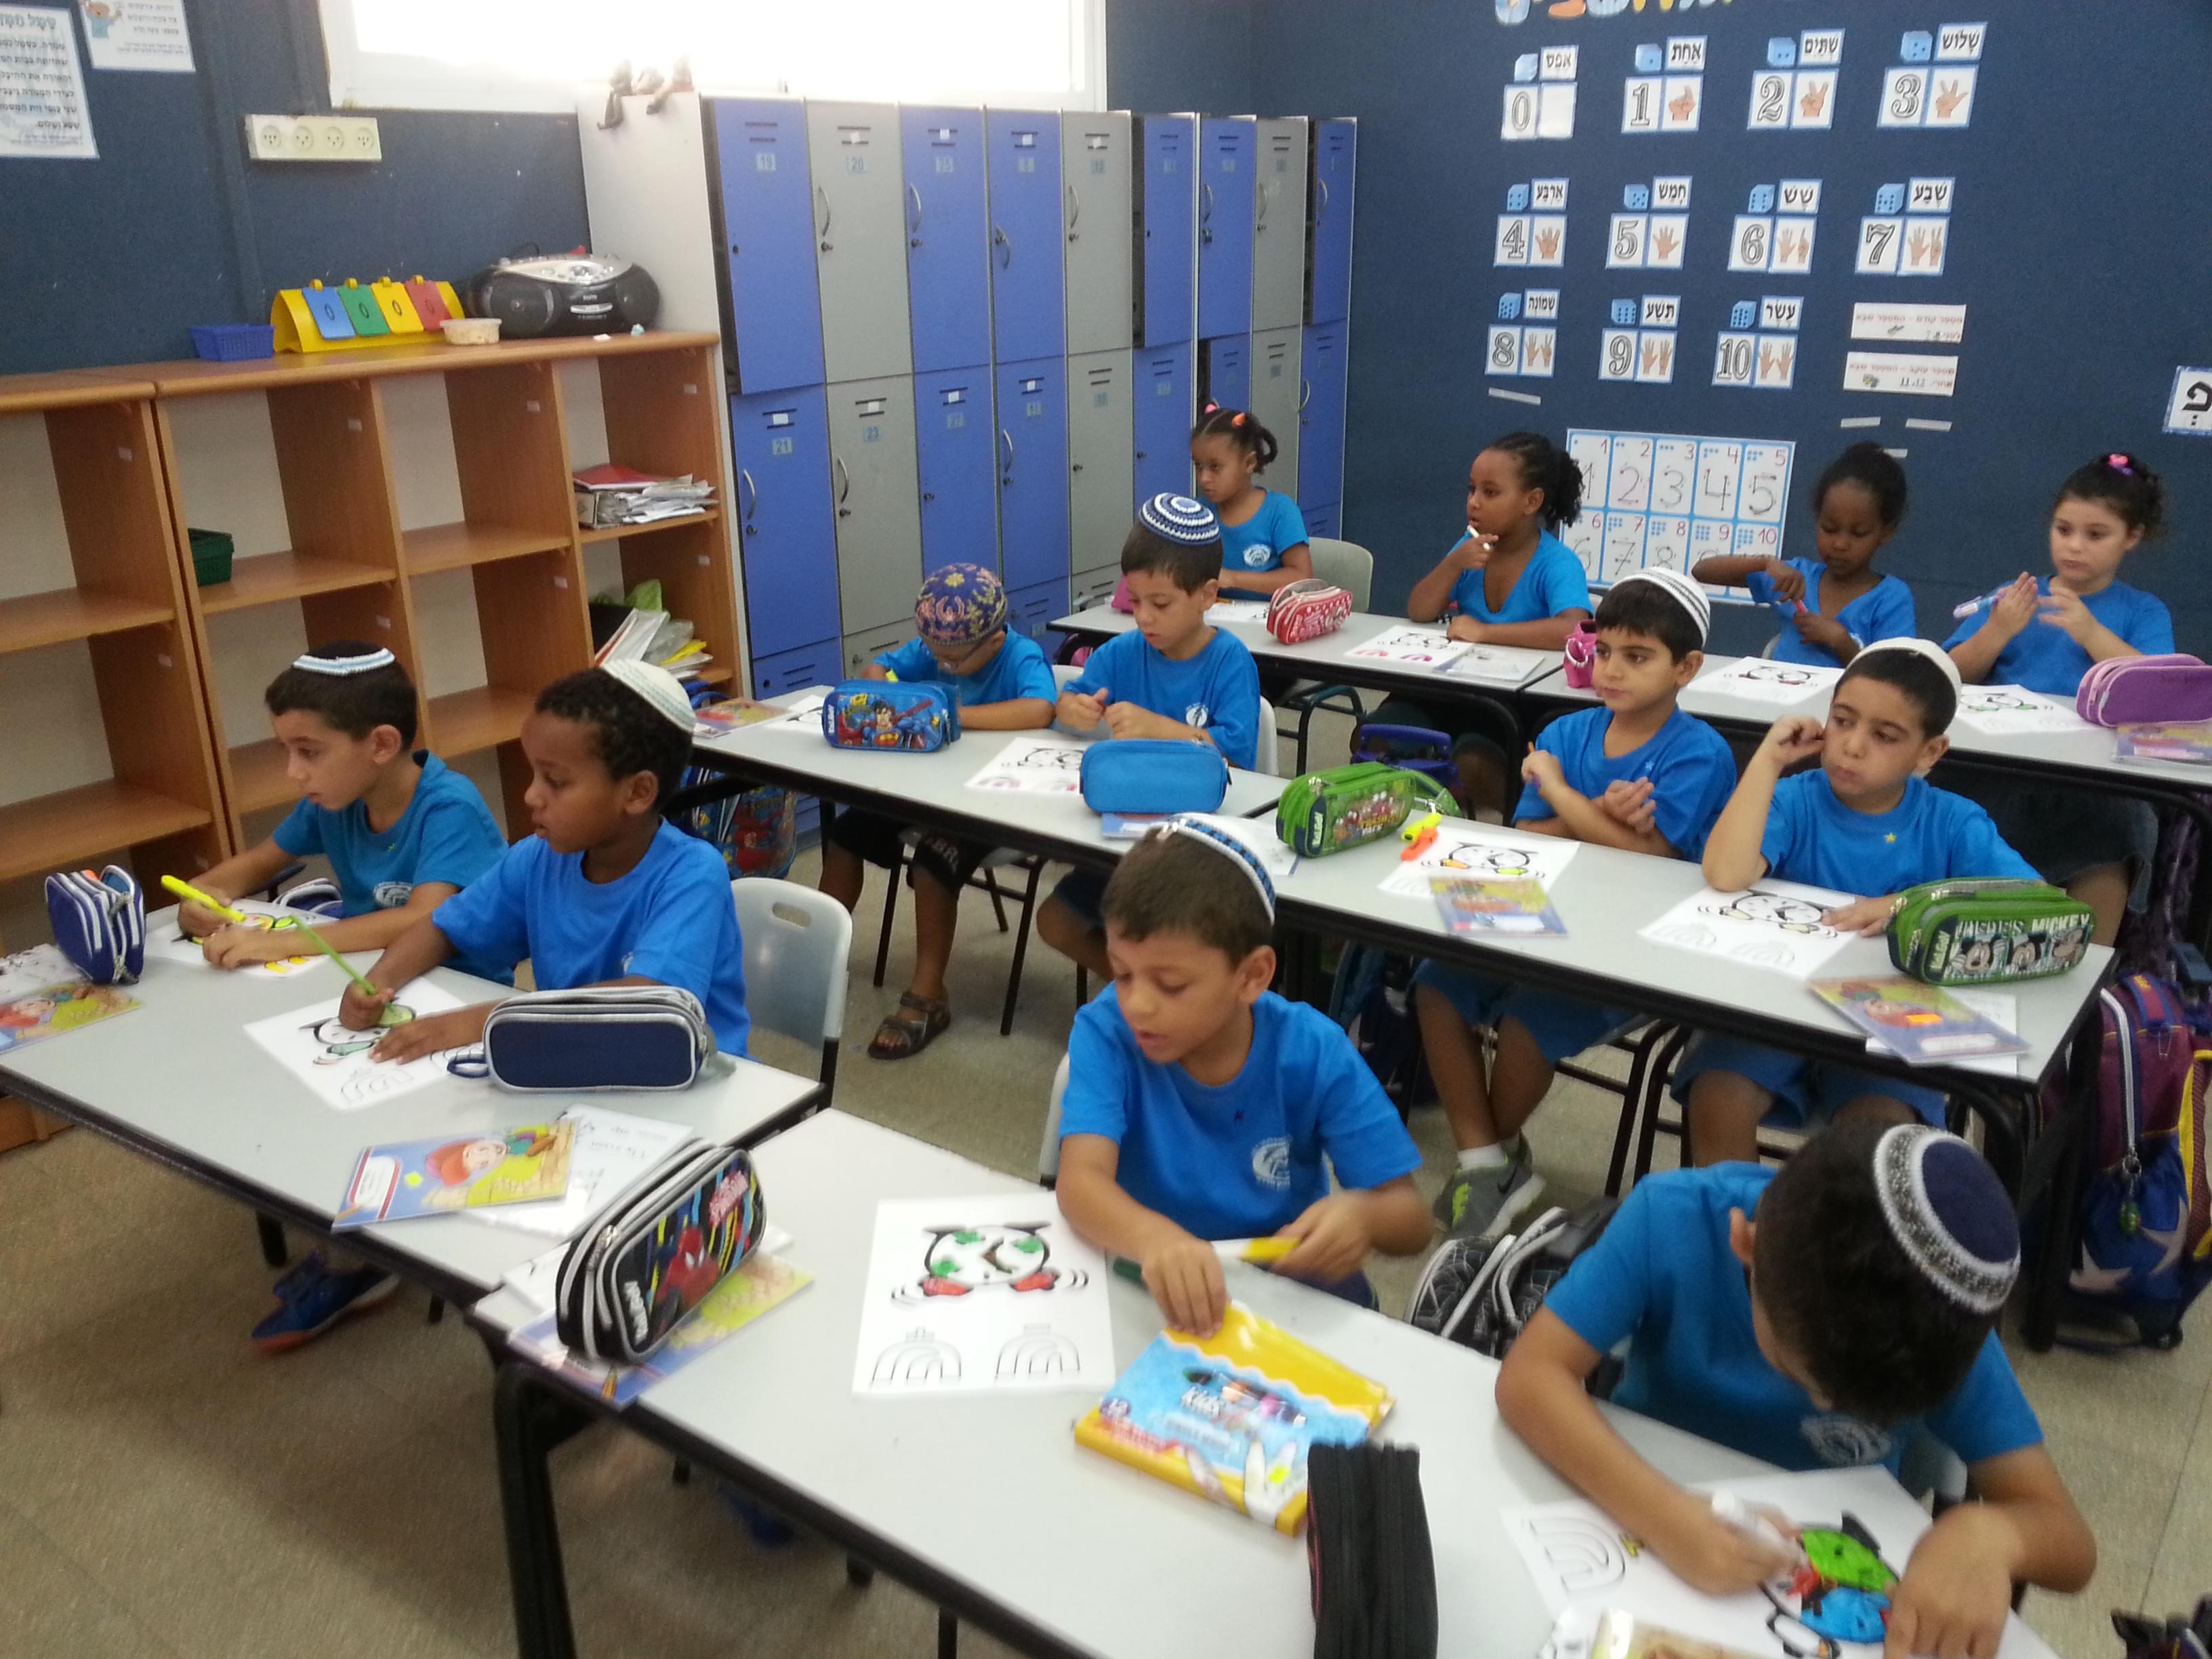 מעבדת חדשנות- כיתת 2021 אורטל אסולין by ortalasulin - Illustrated by אורטל אסולין - Ourboox.com